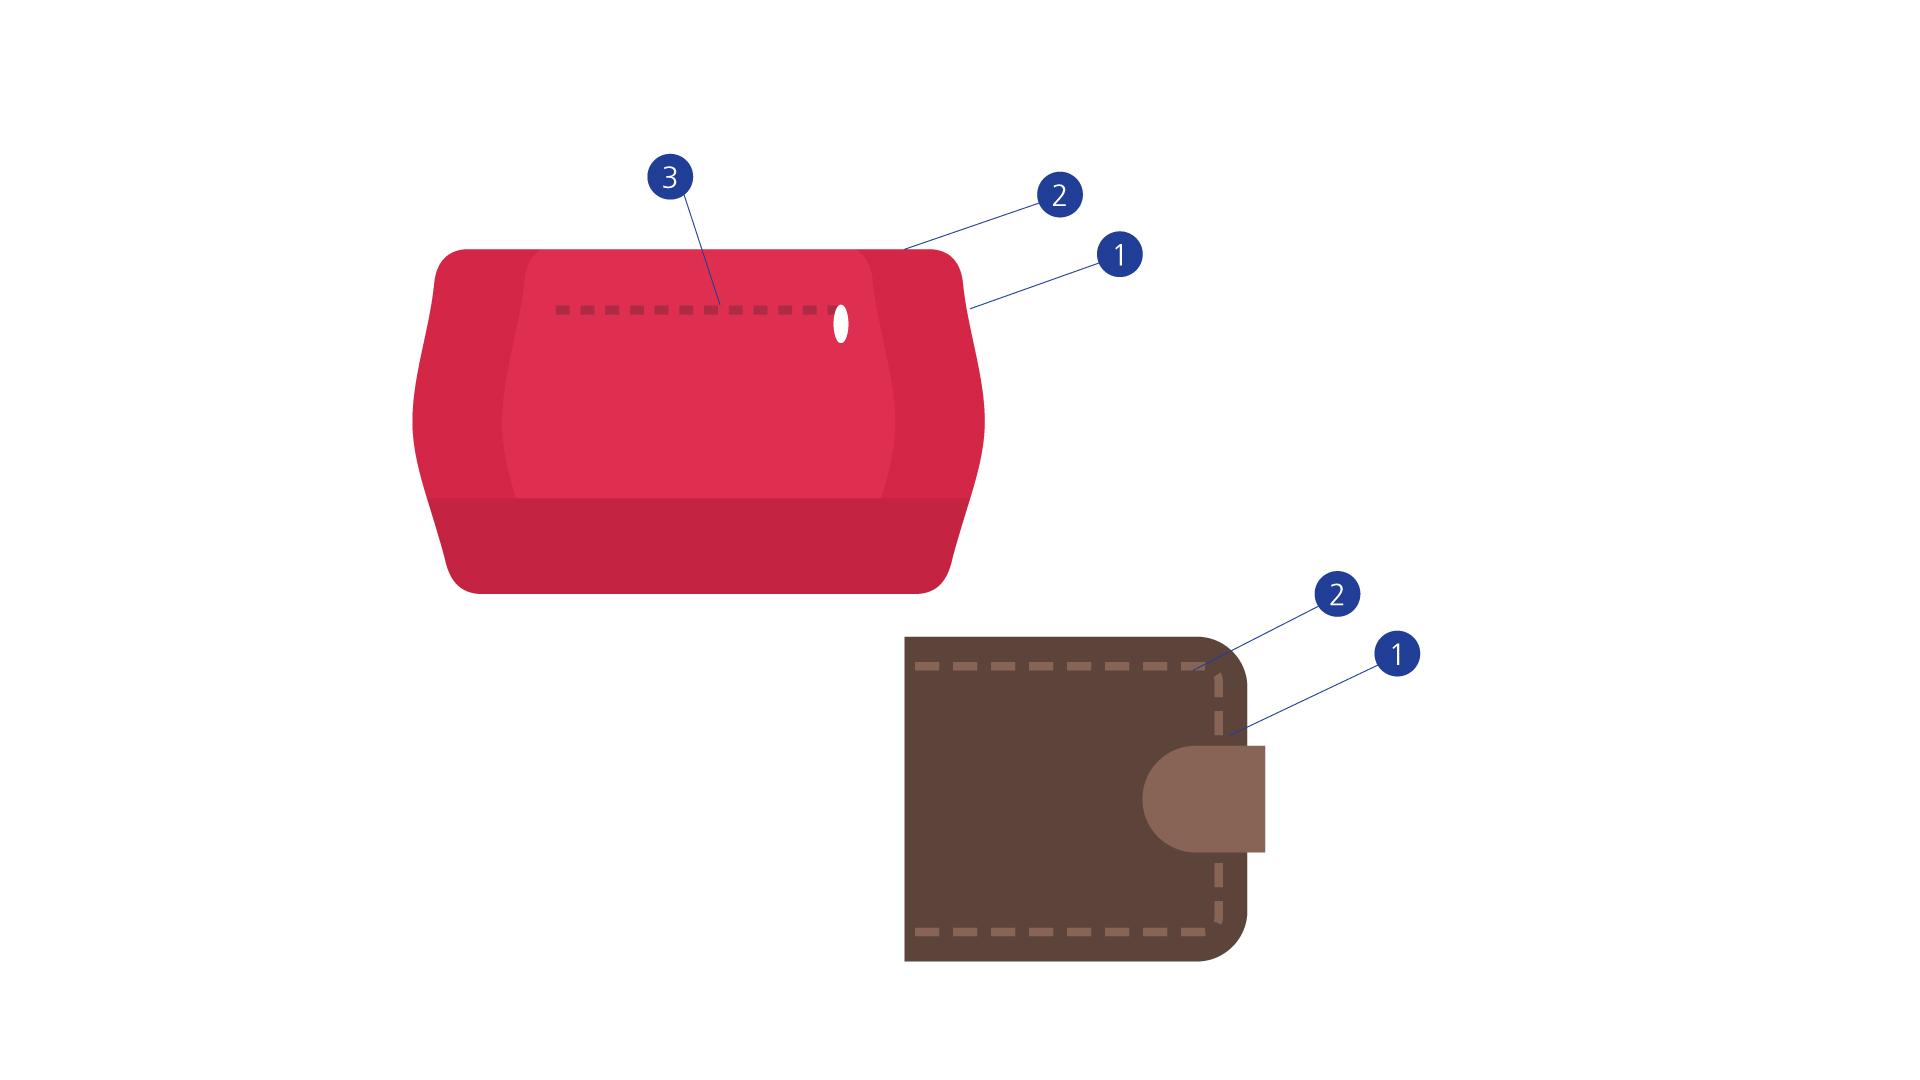 purses and wallets diagram [ 1920 x 1080 Pixel ]